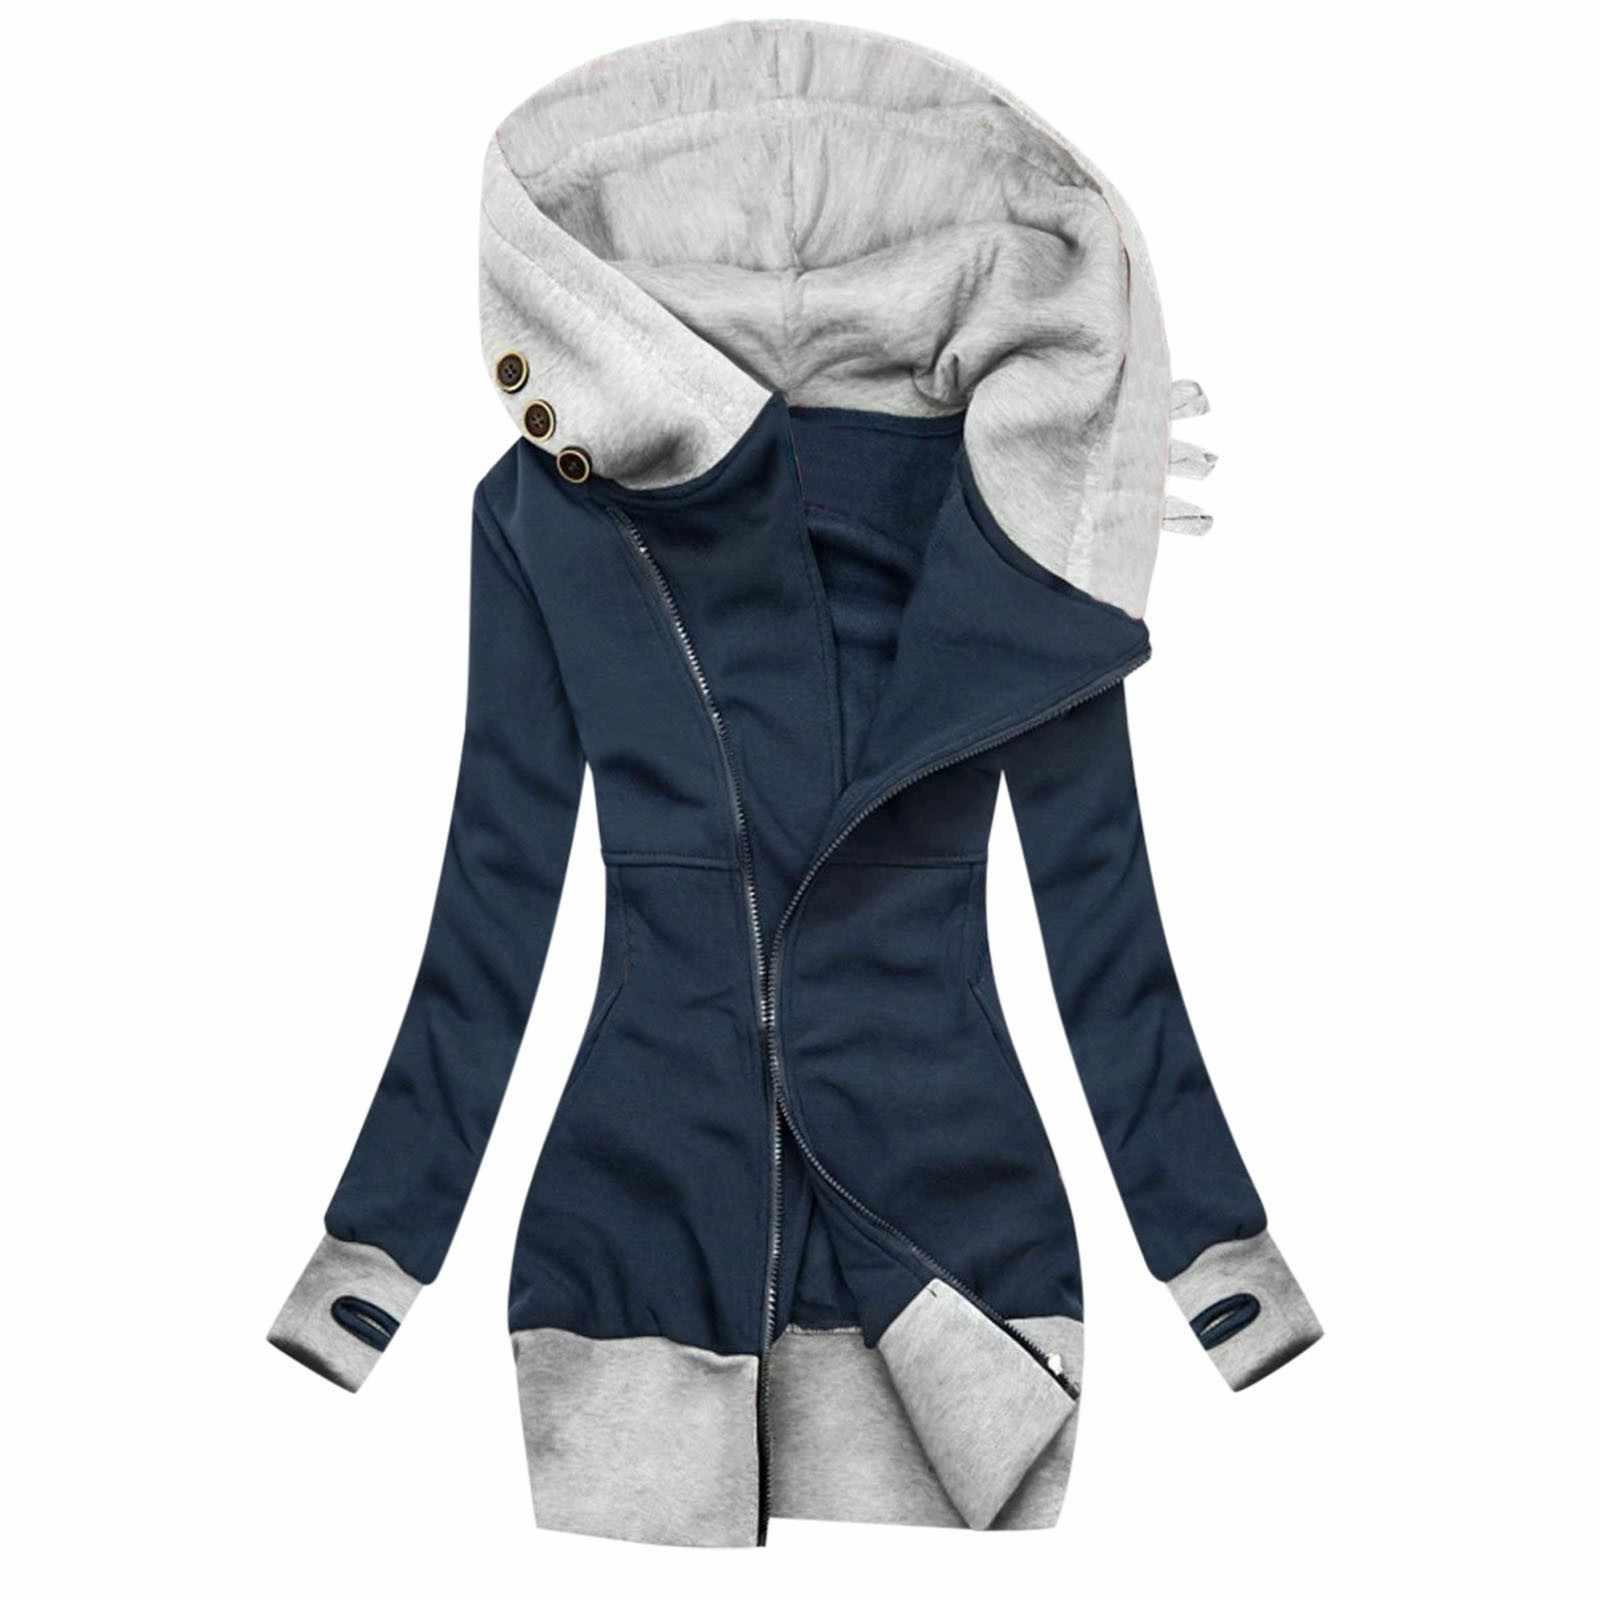 Горячая Распродажа Новый дизайн Stlye повседневная одежда свитшоты милые